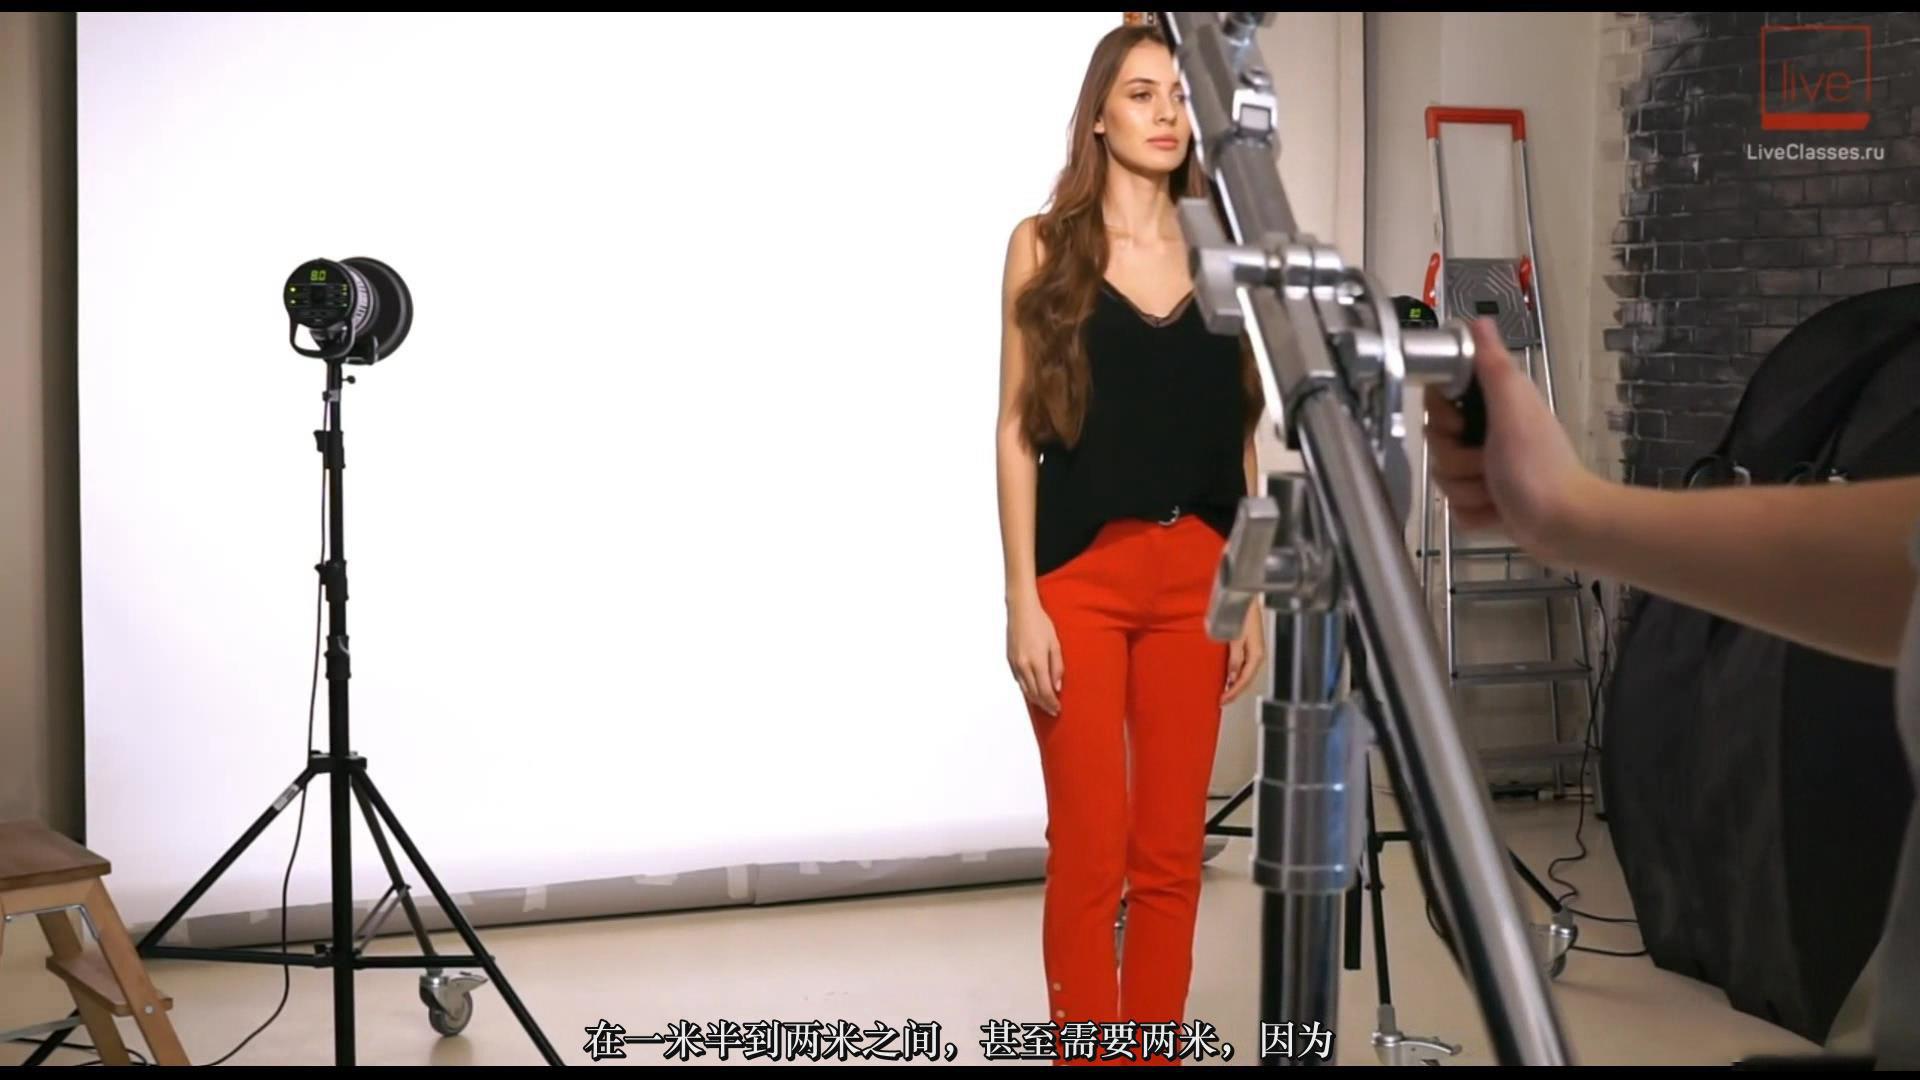 摄影教程_Liveclasses-Alexey Dovgulya使用强光或柔光拍摄酷炫工作室人像-中文字幕 摄影教程 _预览图12